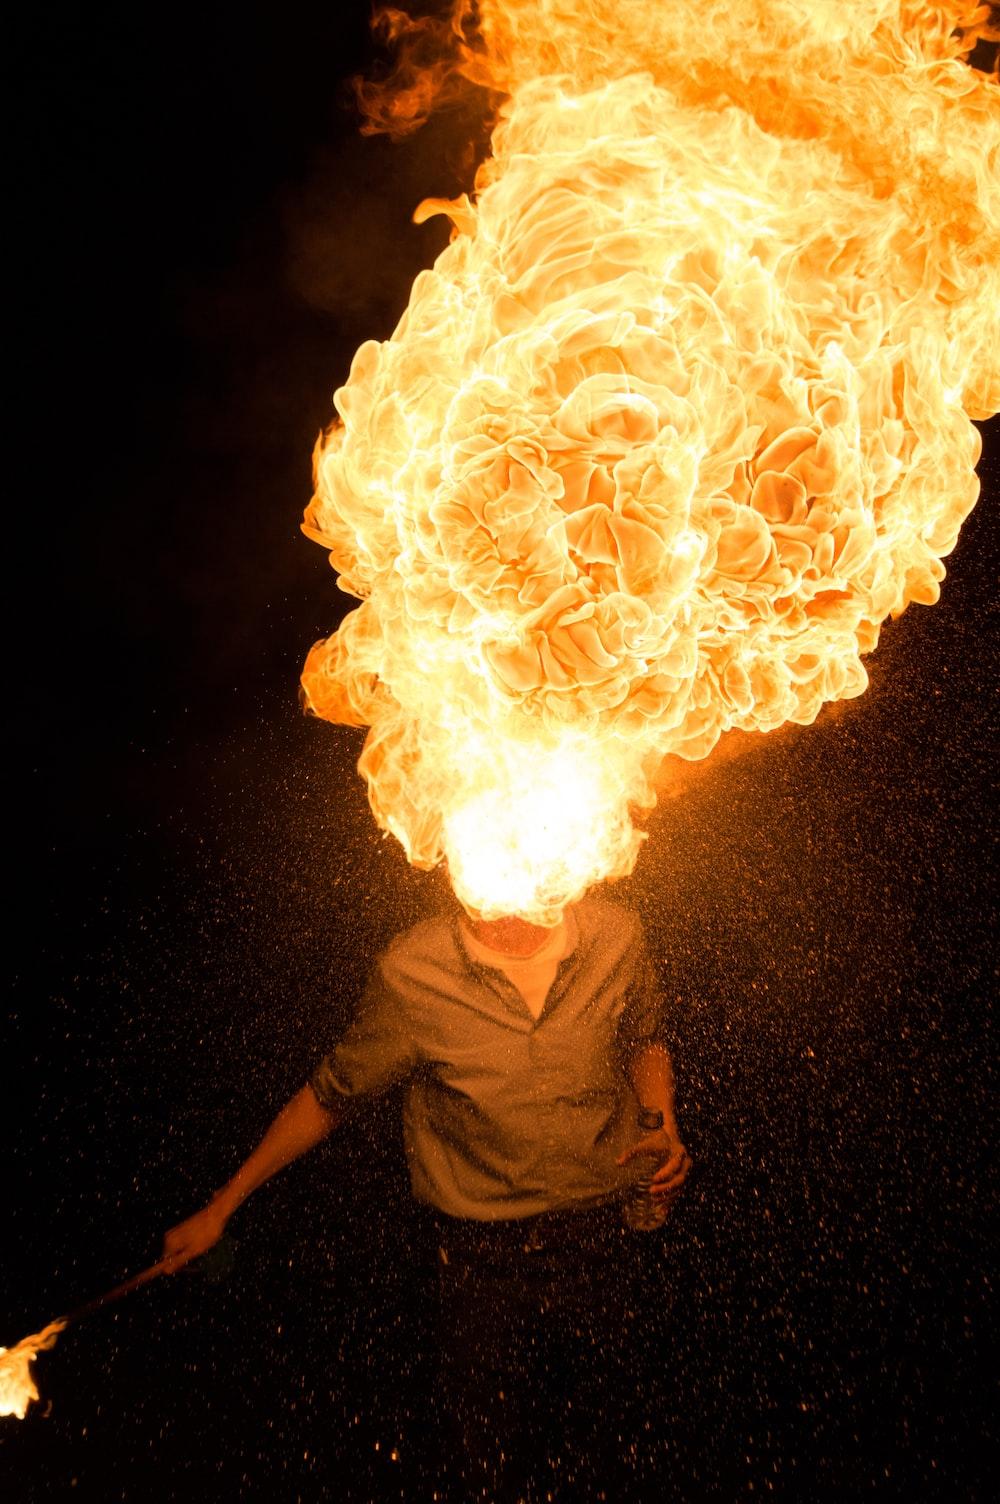 man spitting fire